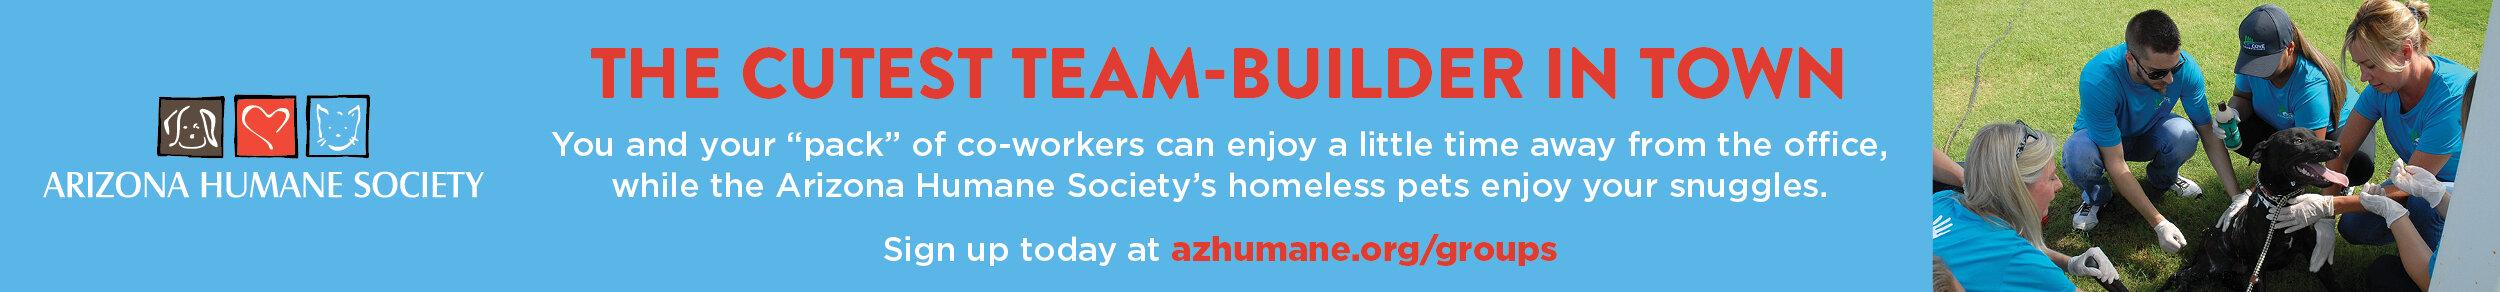 Group Volunteering Banner Ad.jpg